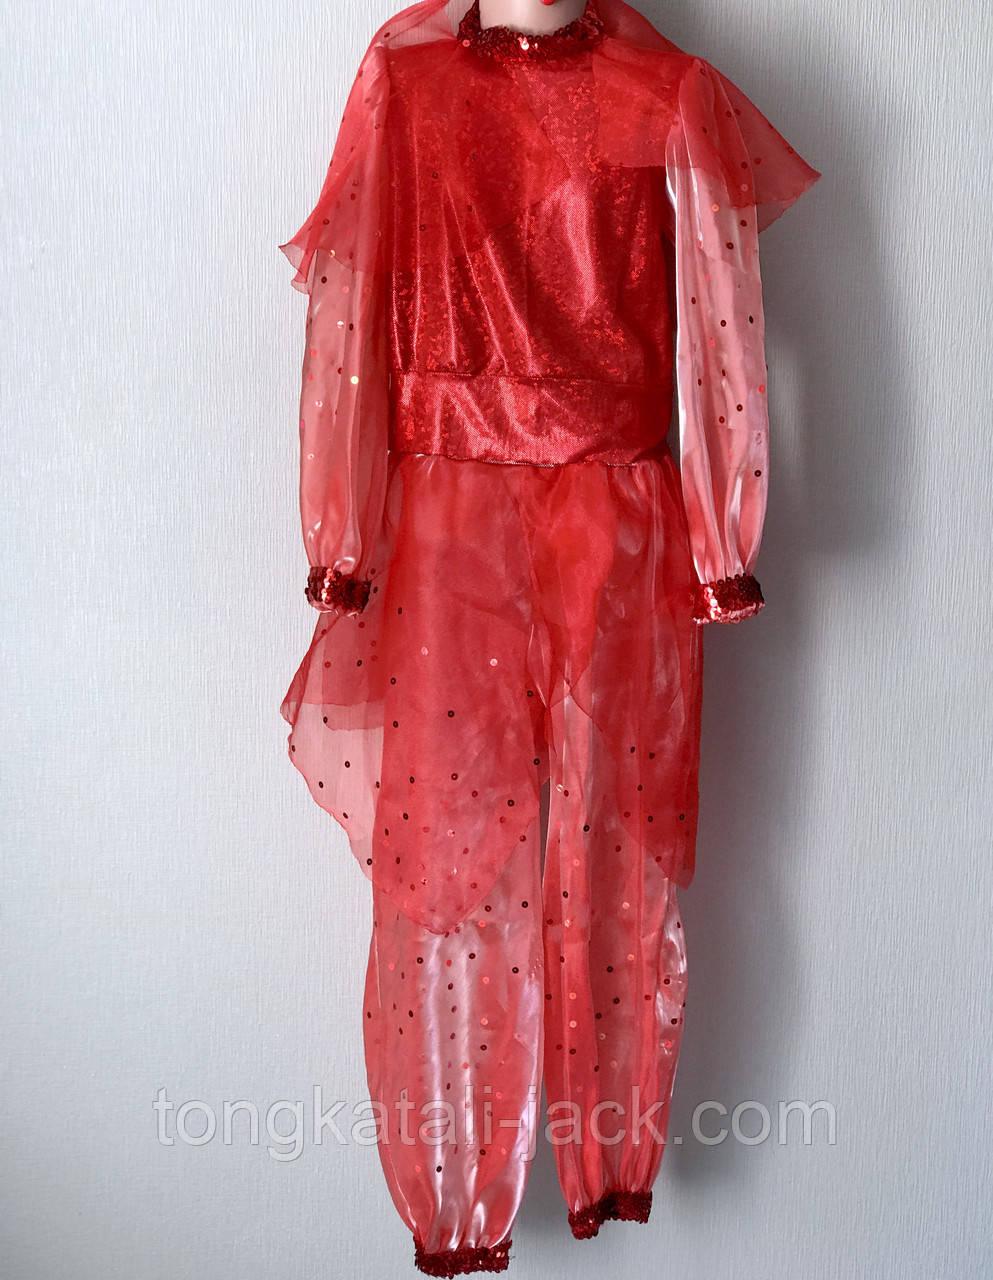 Костюм восточной красавицы, прокат карнавальной одежды